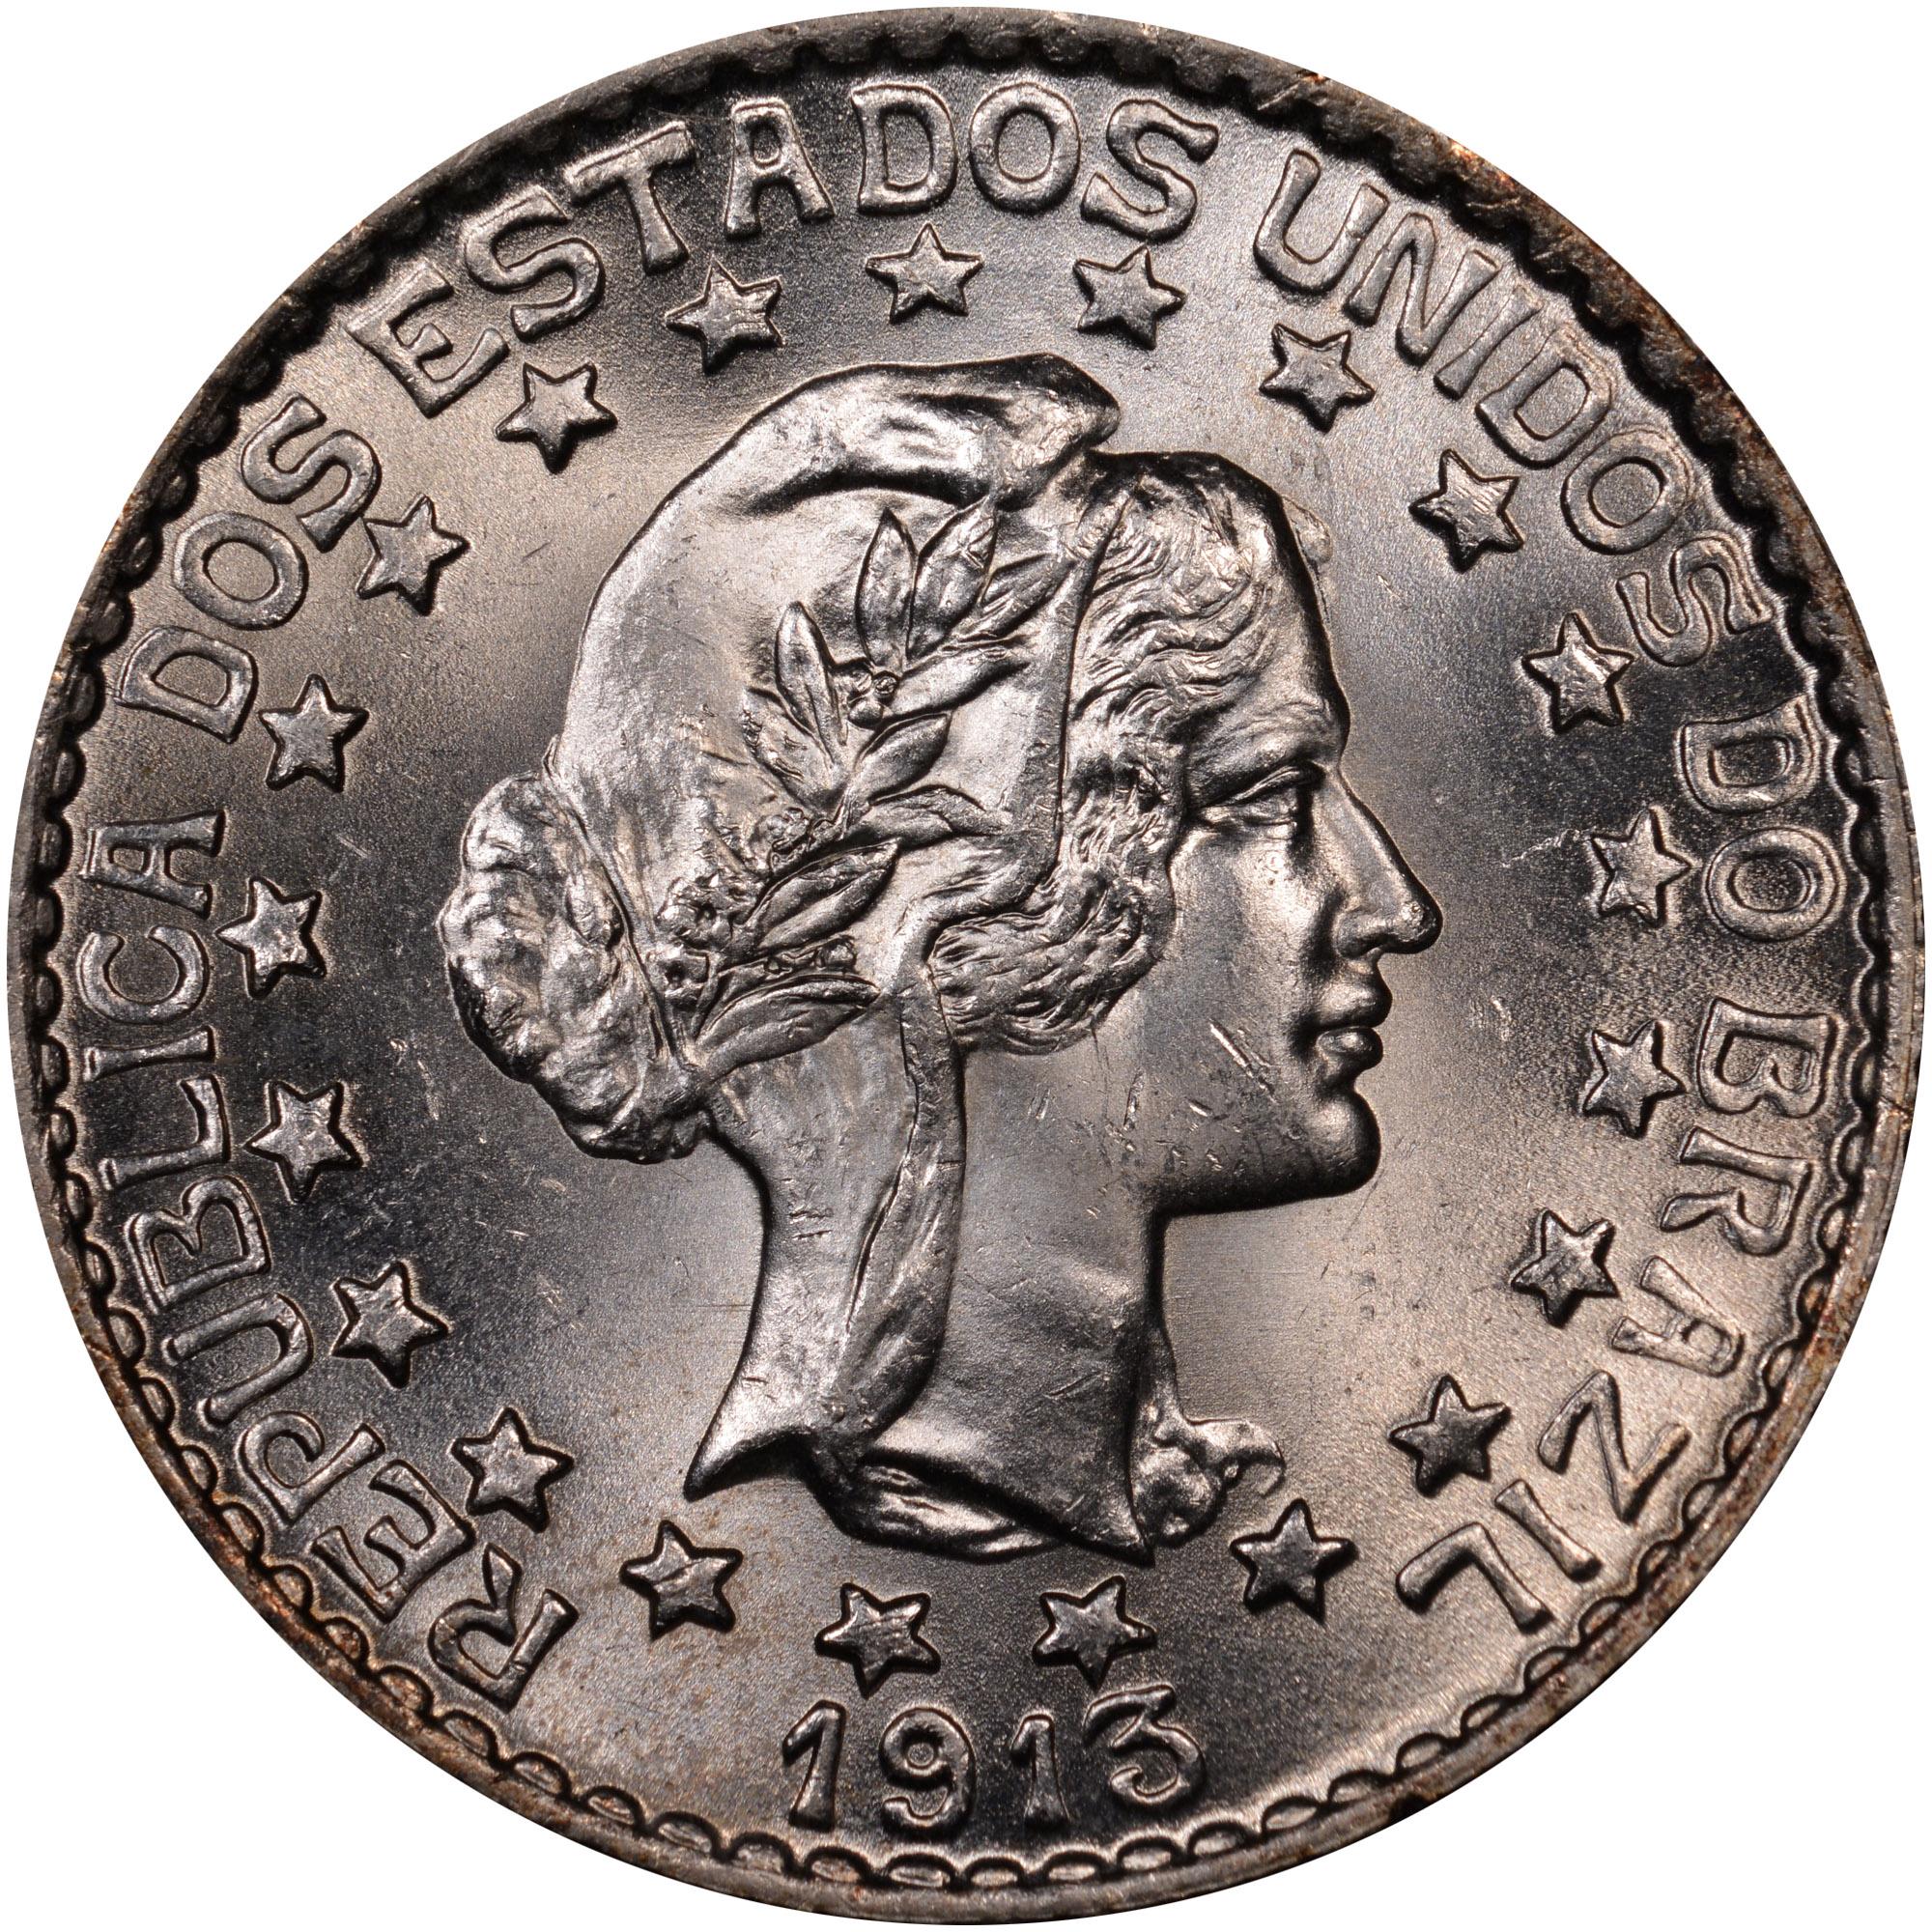 1913 Brazil 2000 Reis obverse